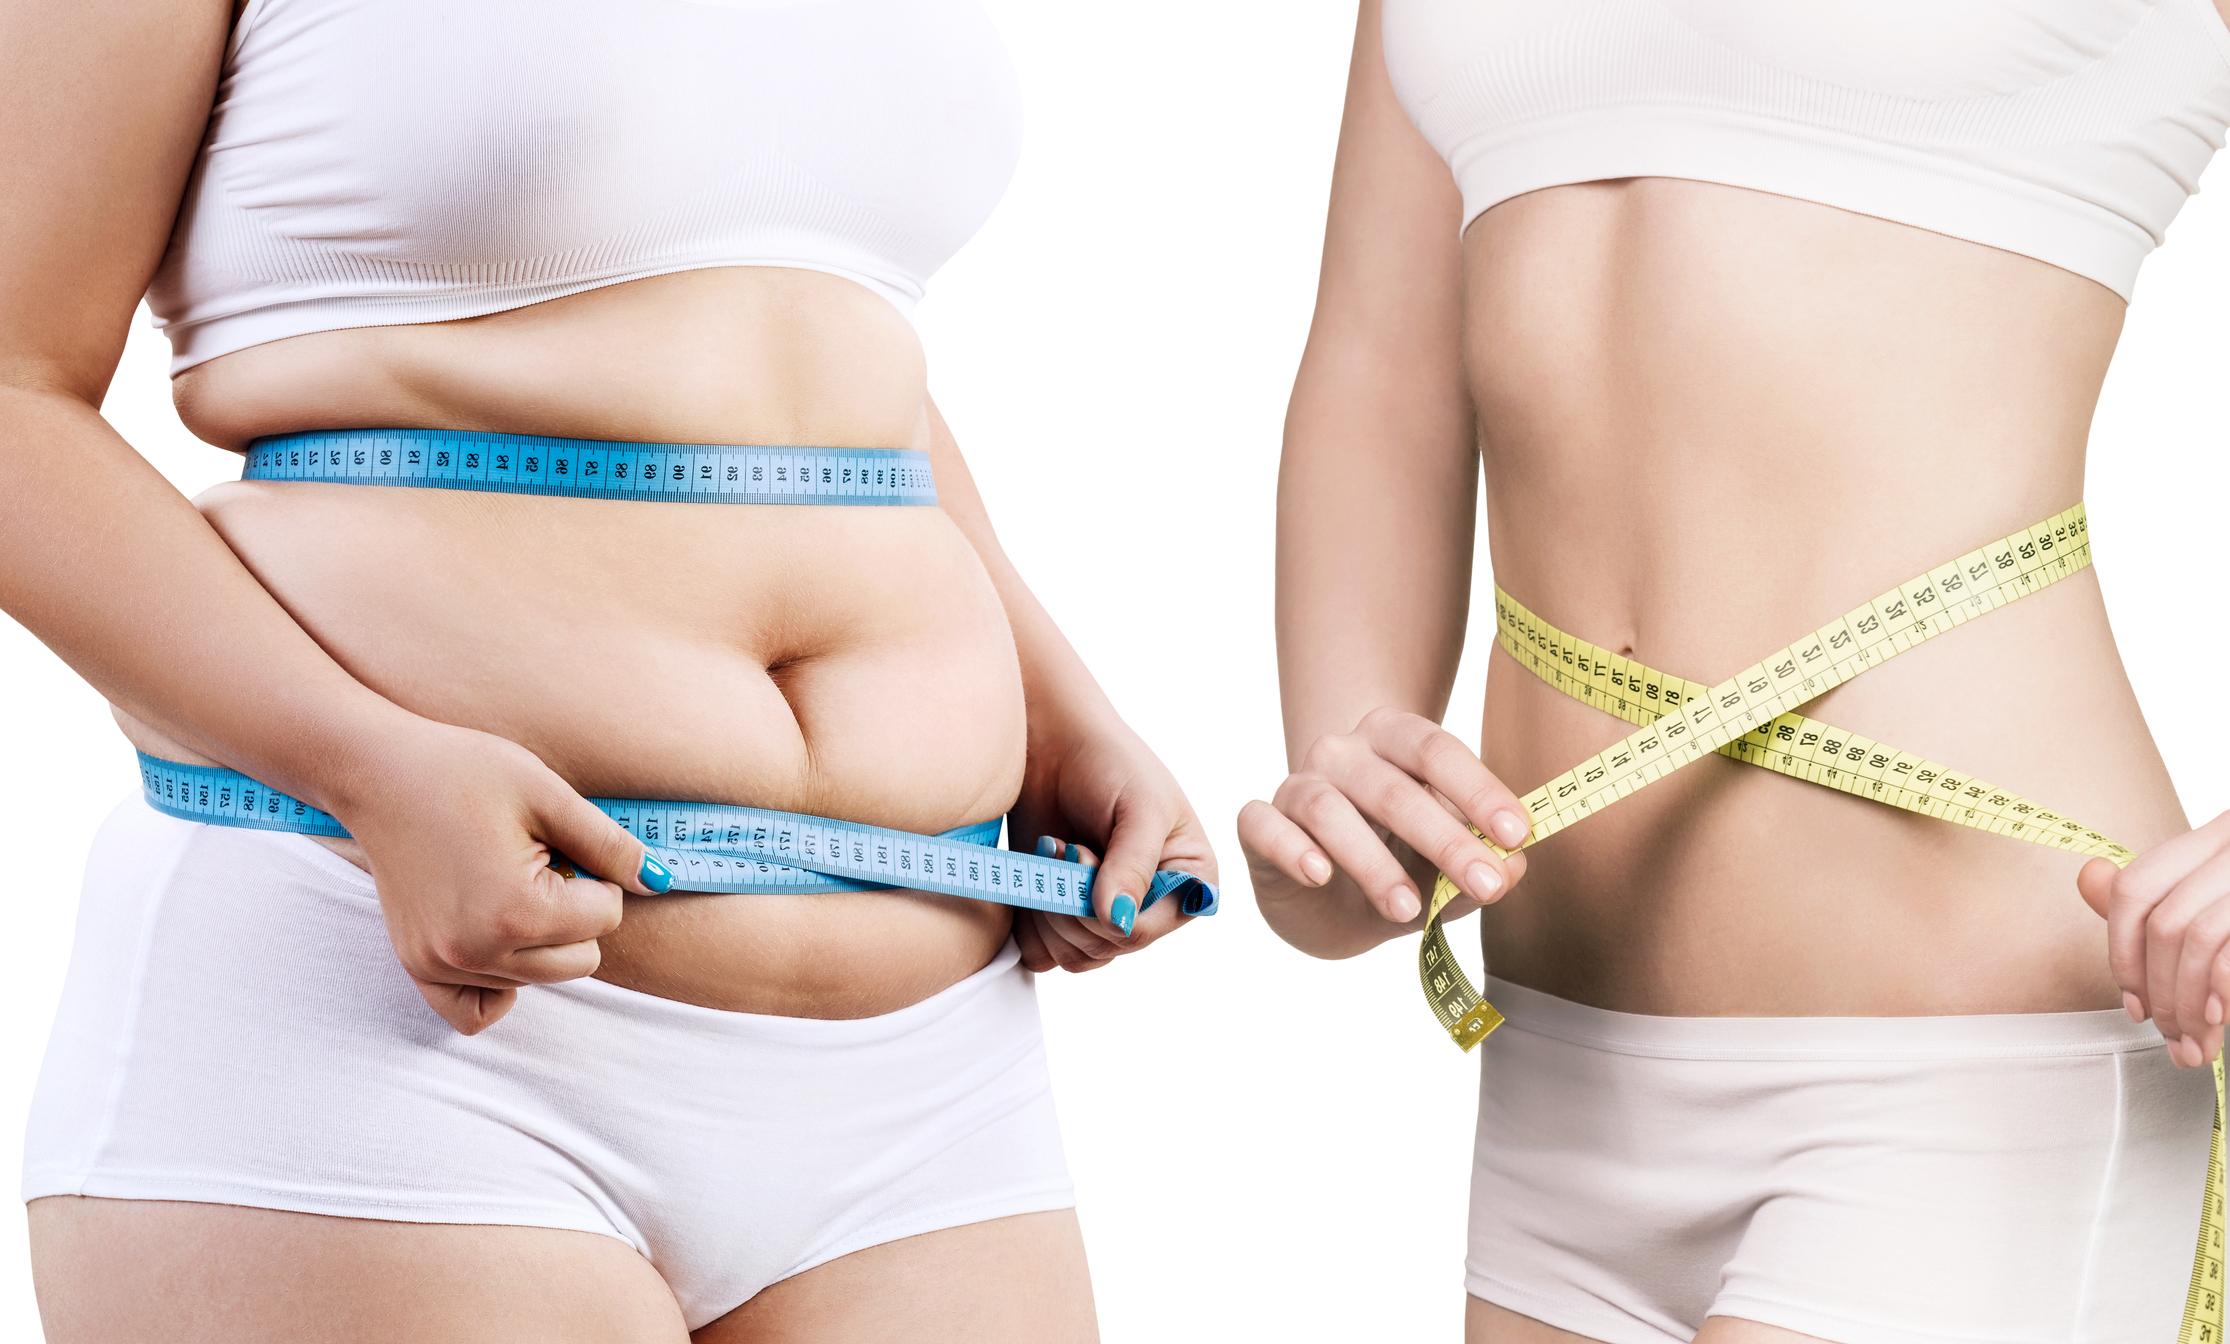 hogyan lehet elveszíteni a hasa kövér gyors ember